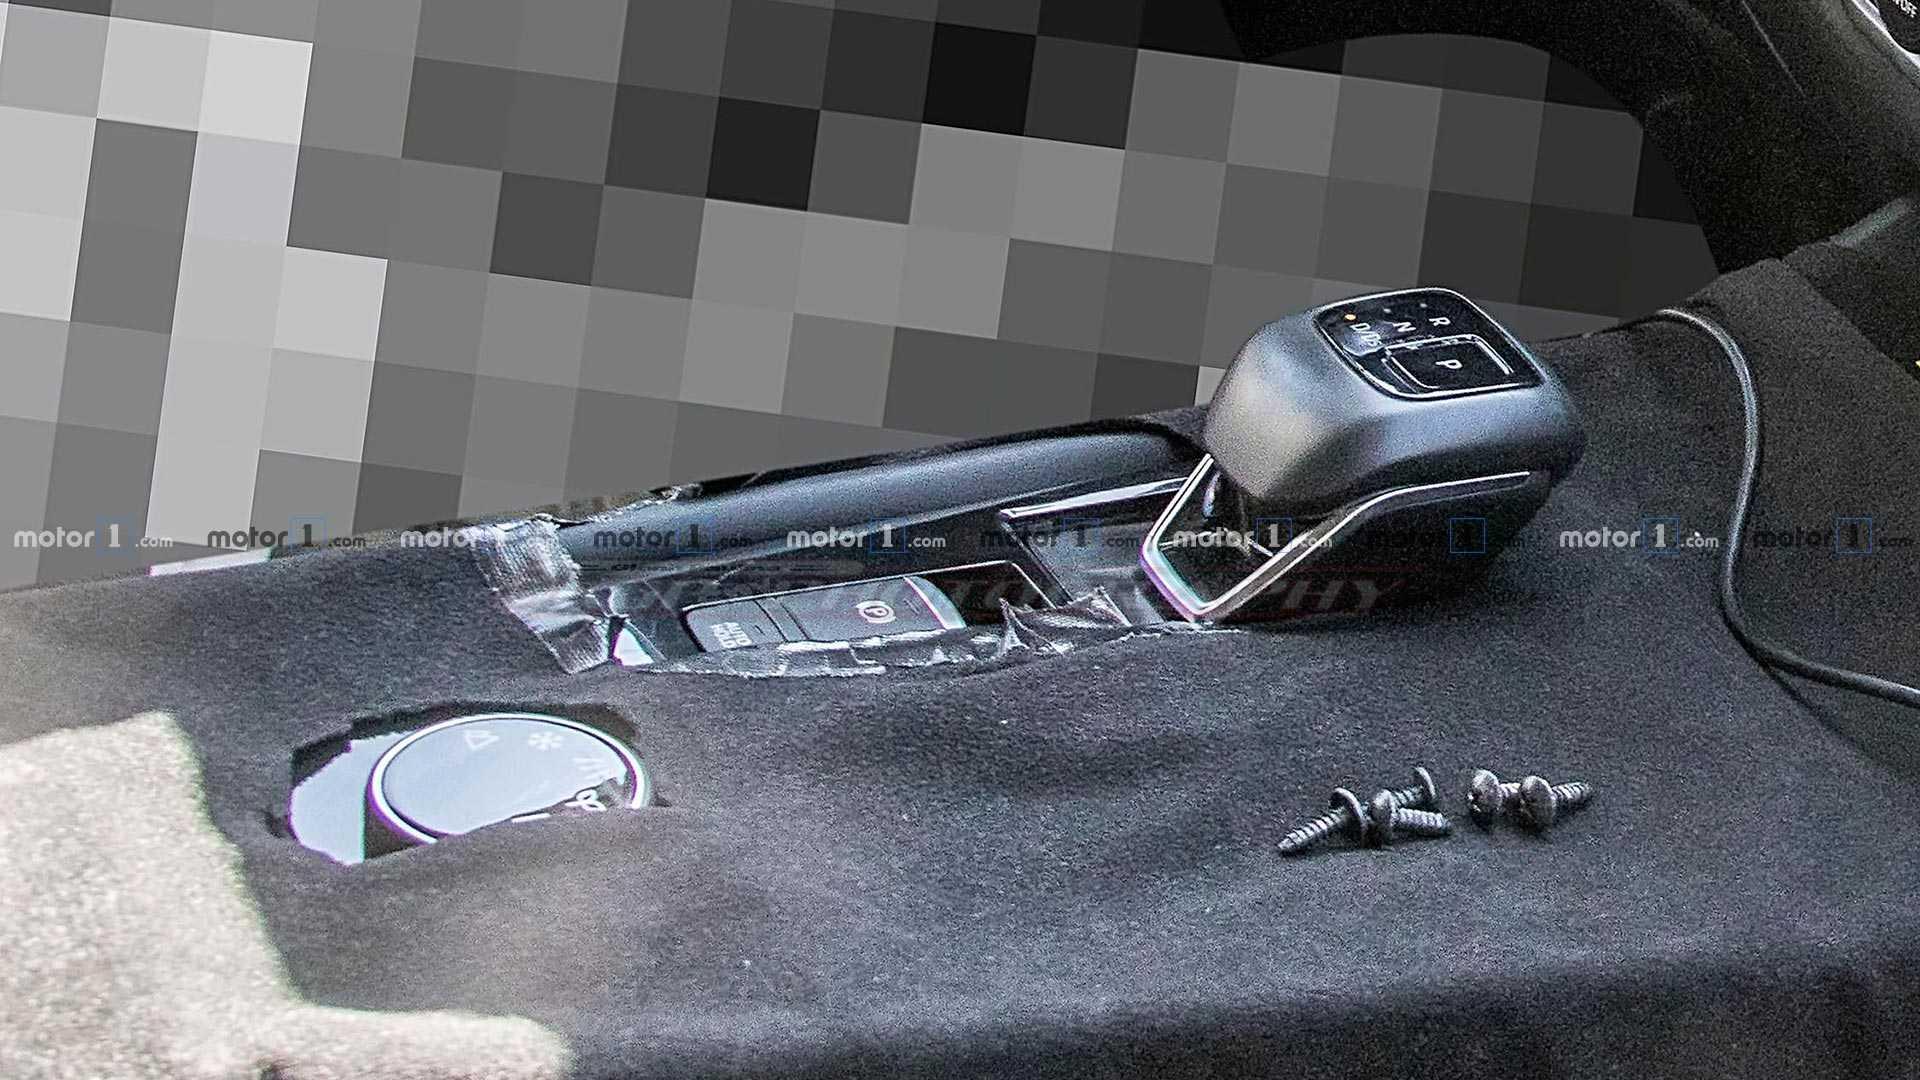 next-gen-nissan-rogue-spy-shots-8.jpg